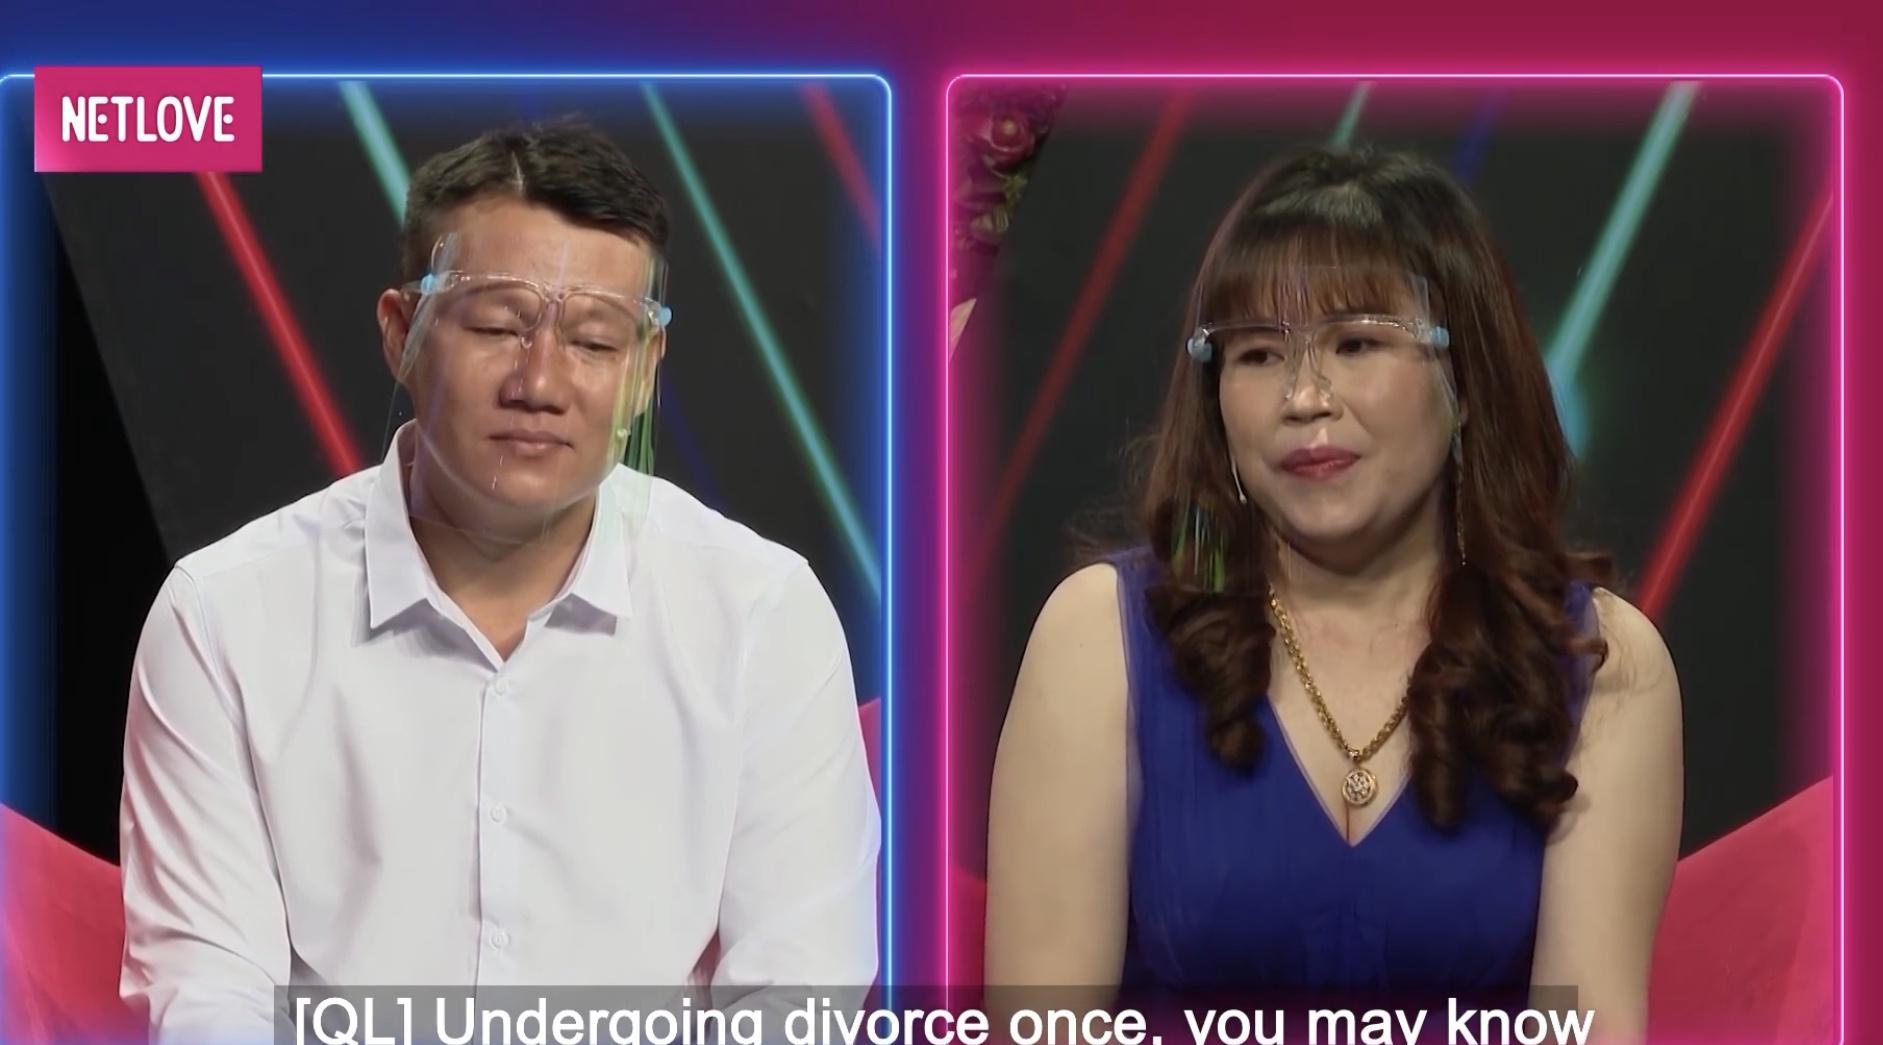 """Bạn muốn hẹn hò: Cặp đôi từng """"một lần đò"""" từ chối gặp gỡ khiến người xem nuối tiếc - Ảnh 2."""